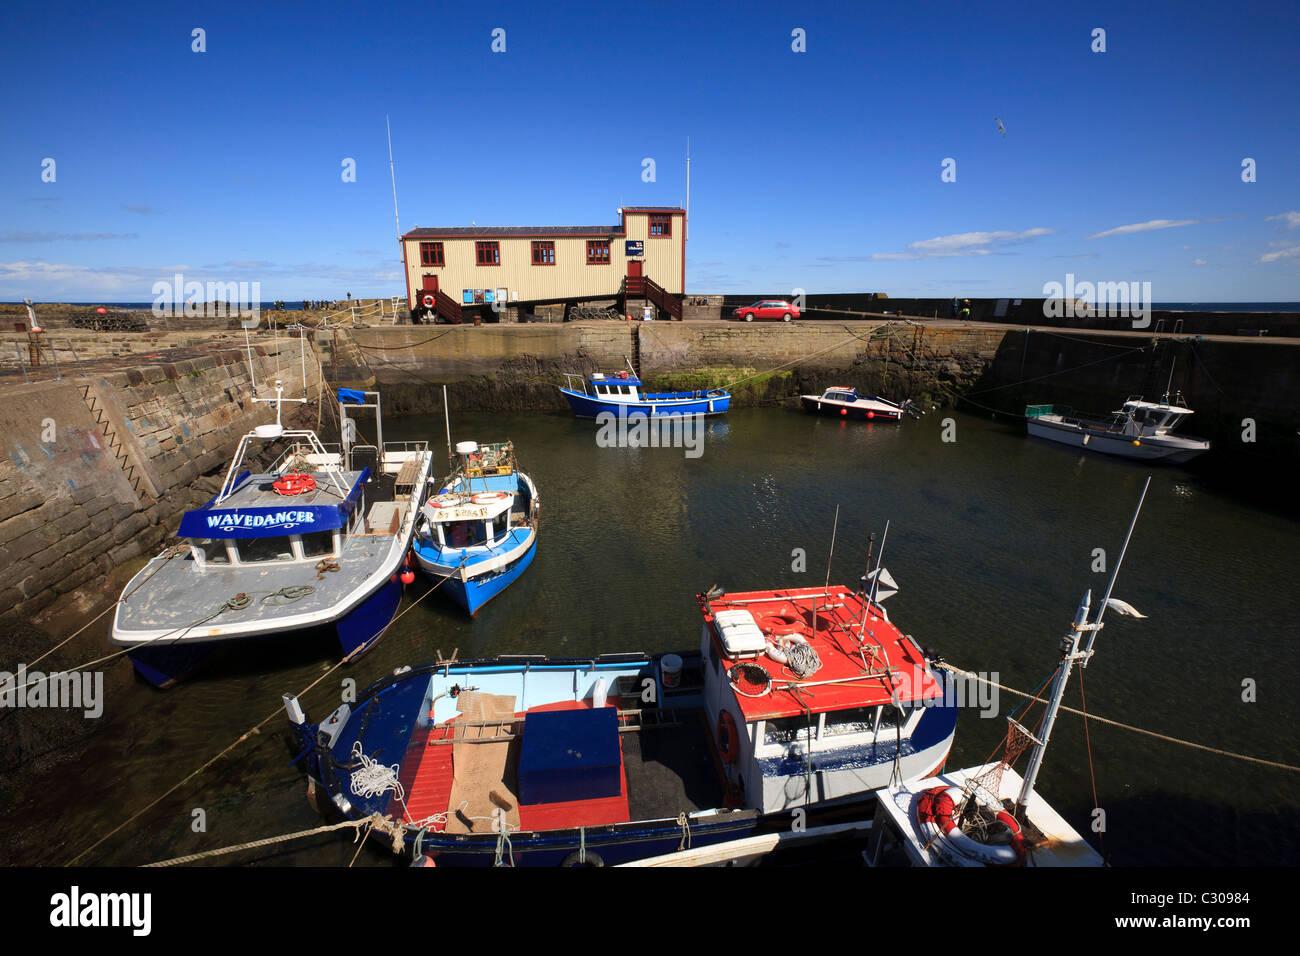 Die Rettungsstation und die Boote im Hafen von St. Abbs, Berwickshire. Stockbild